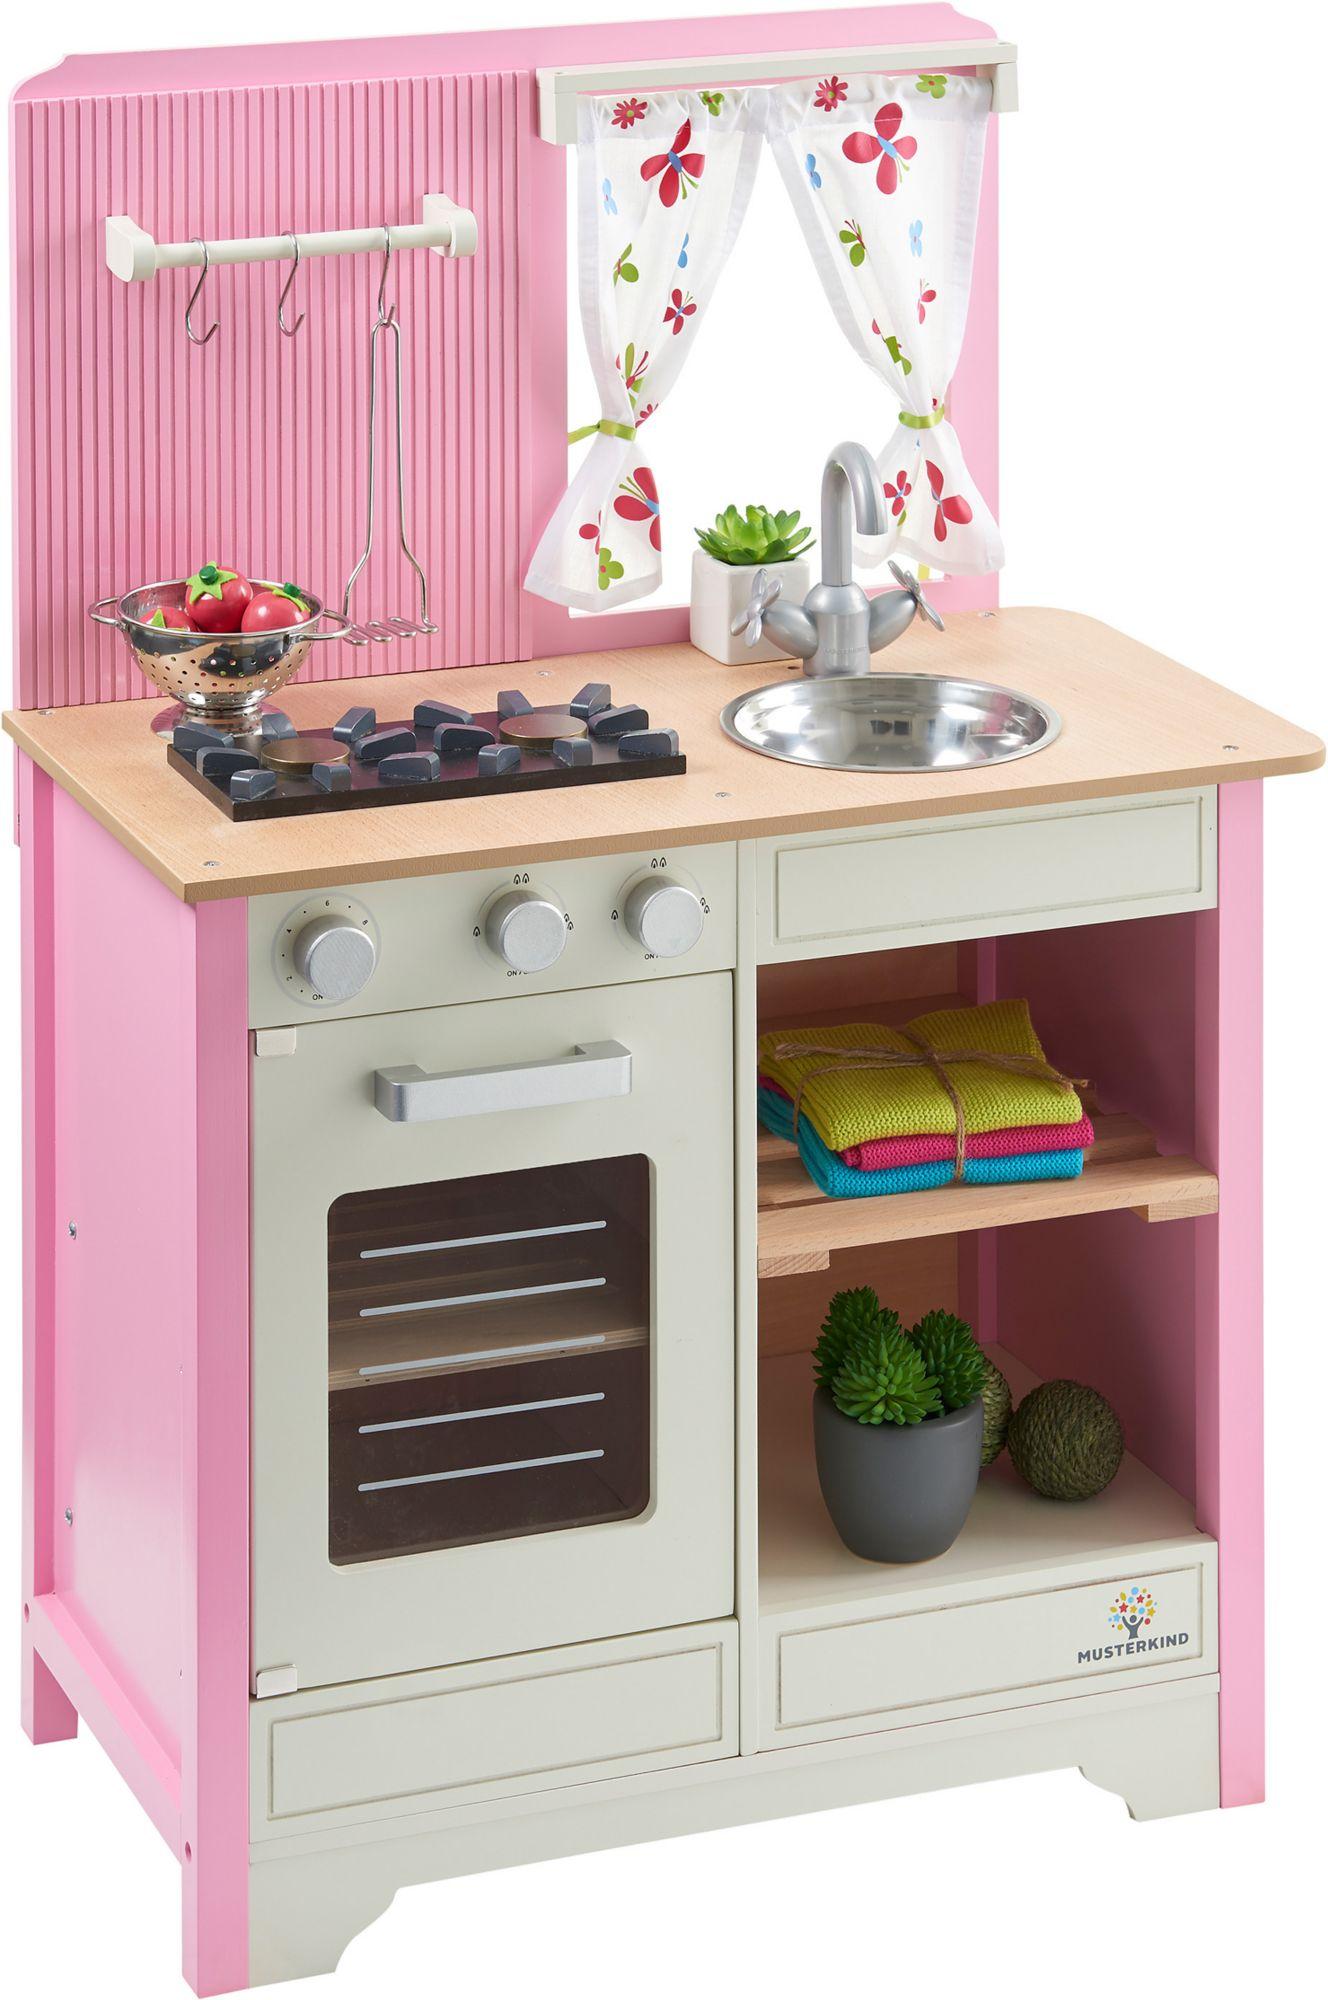 MUSTERKIND® Spielküche Aus Holz, »Lavandula Creme/rosa«